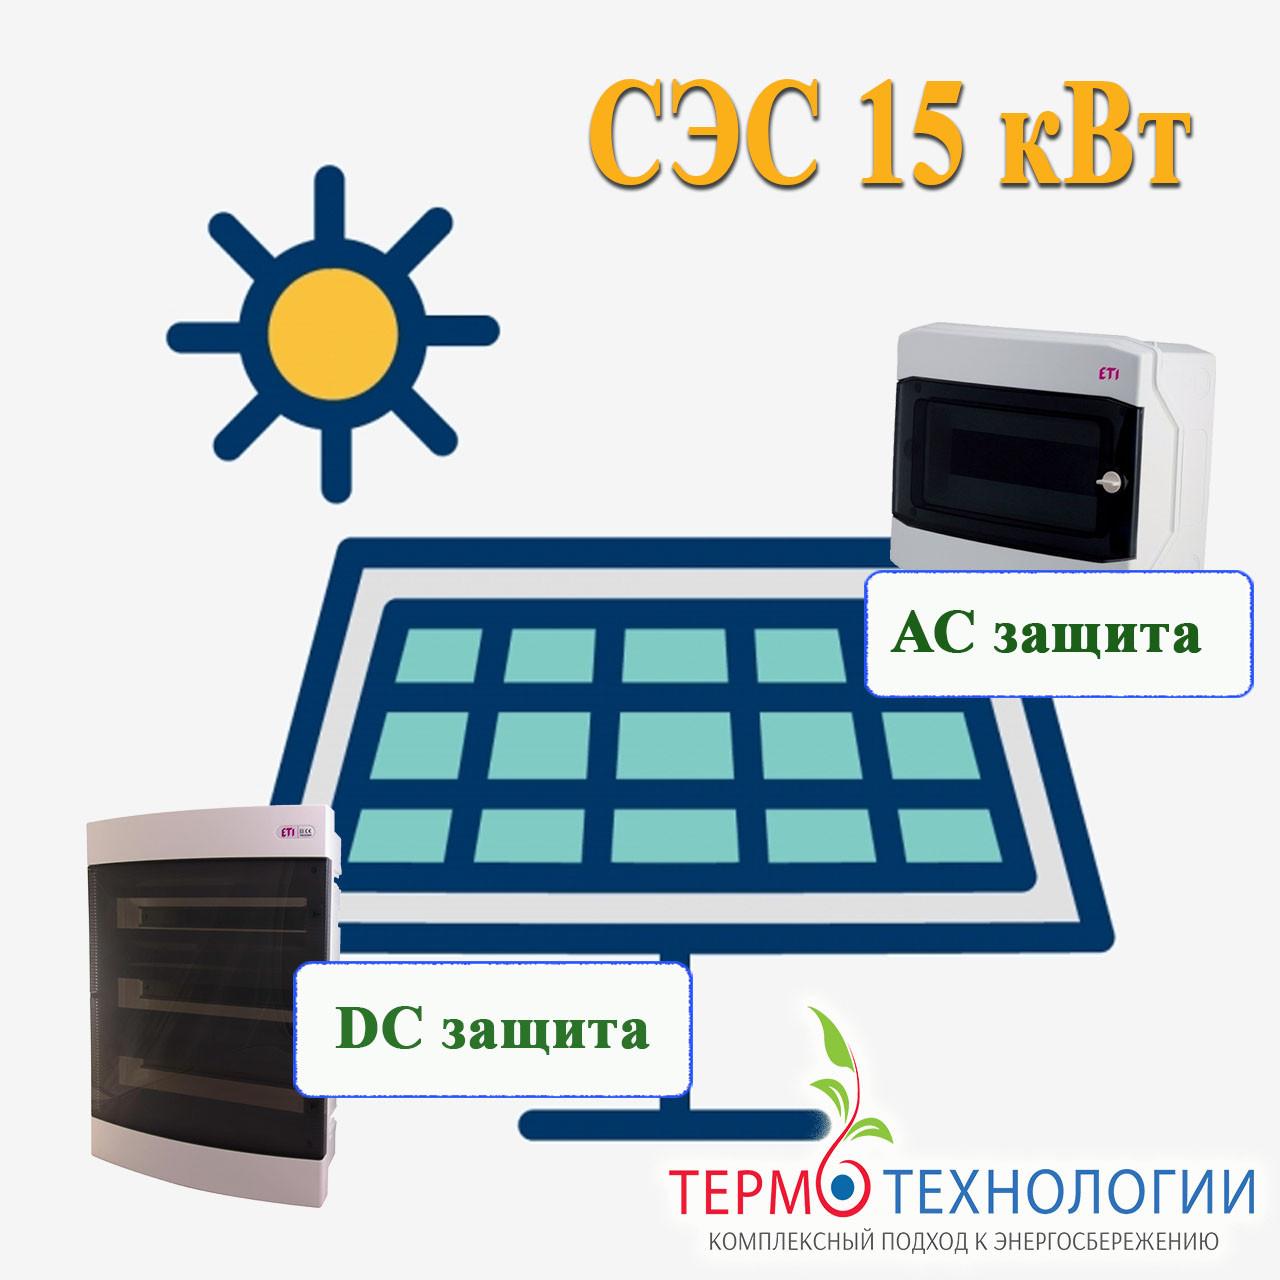 Комплект DC и AC защиты солнечной электростанции сетевого типа мощностью 15 кВт